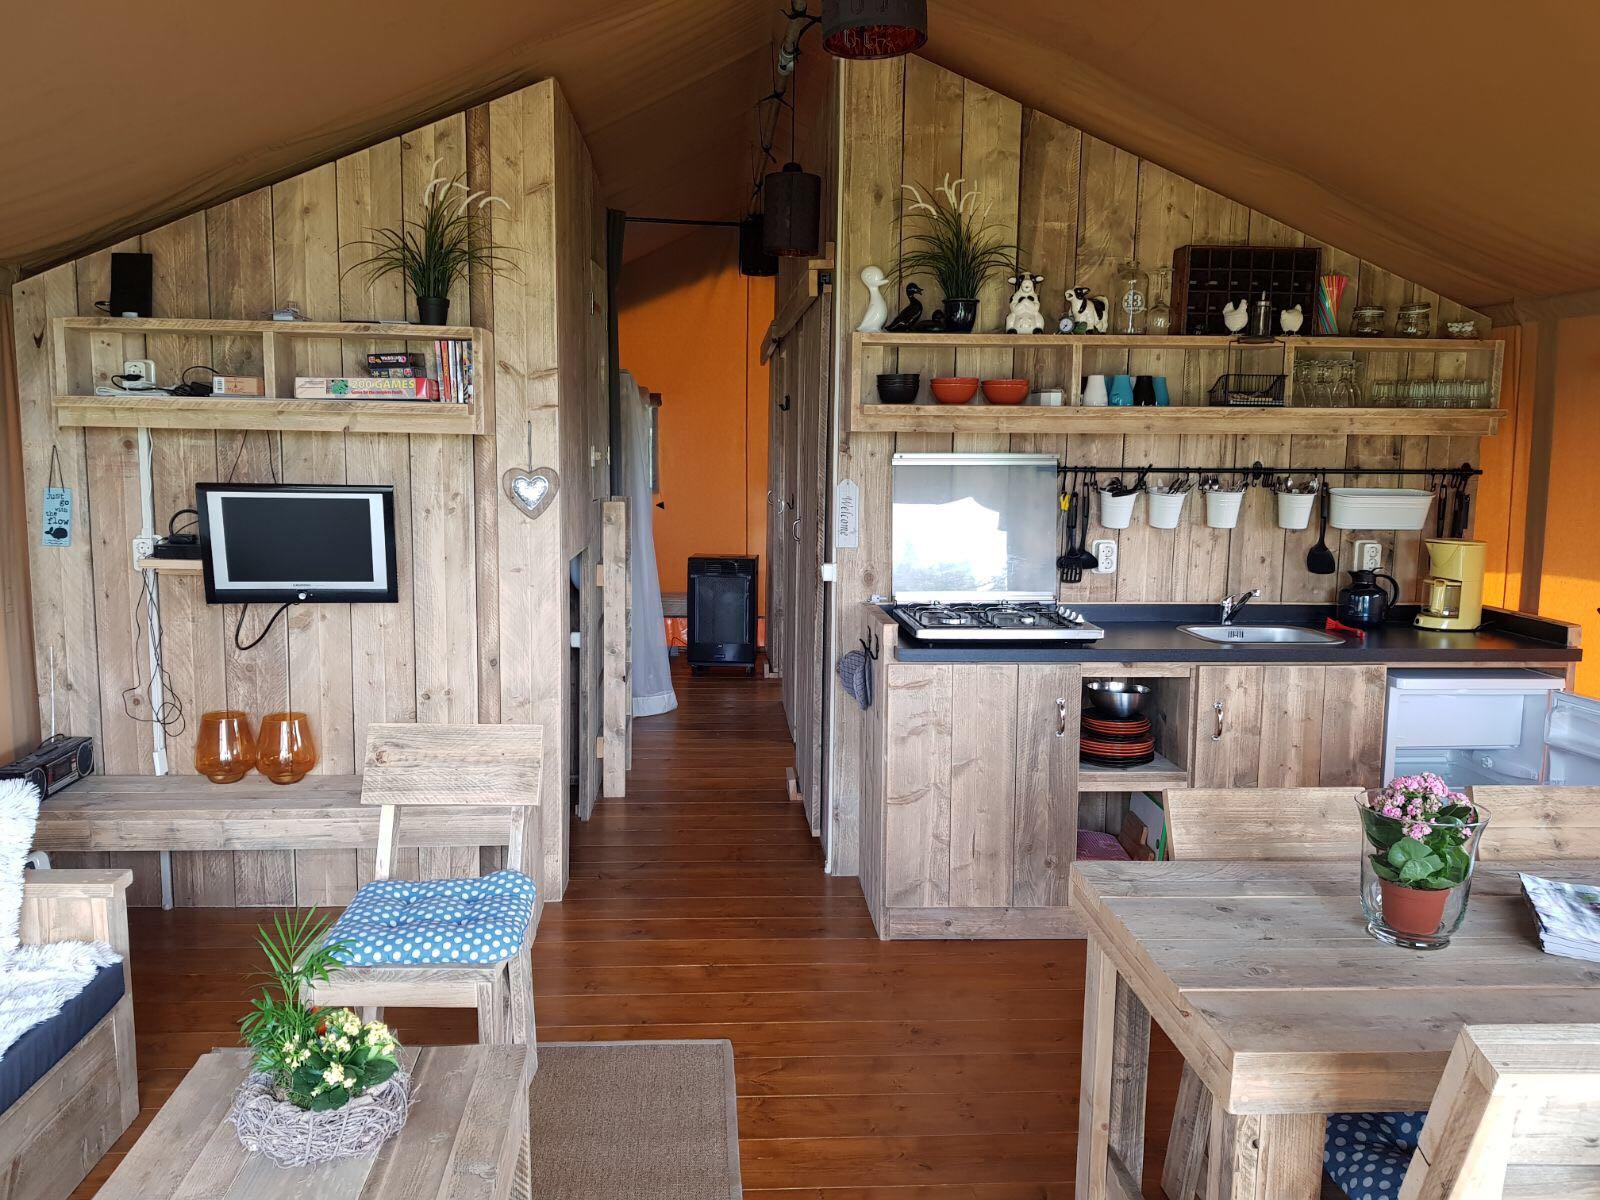 Camping de Stjelp glamping